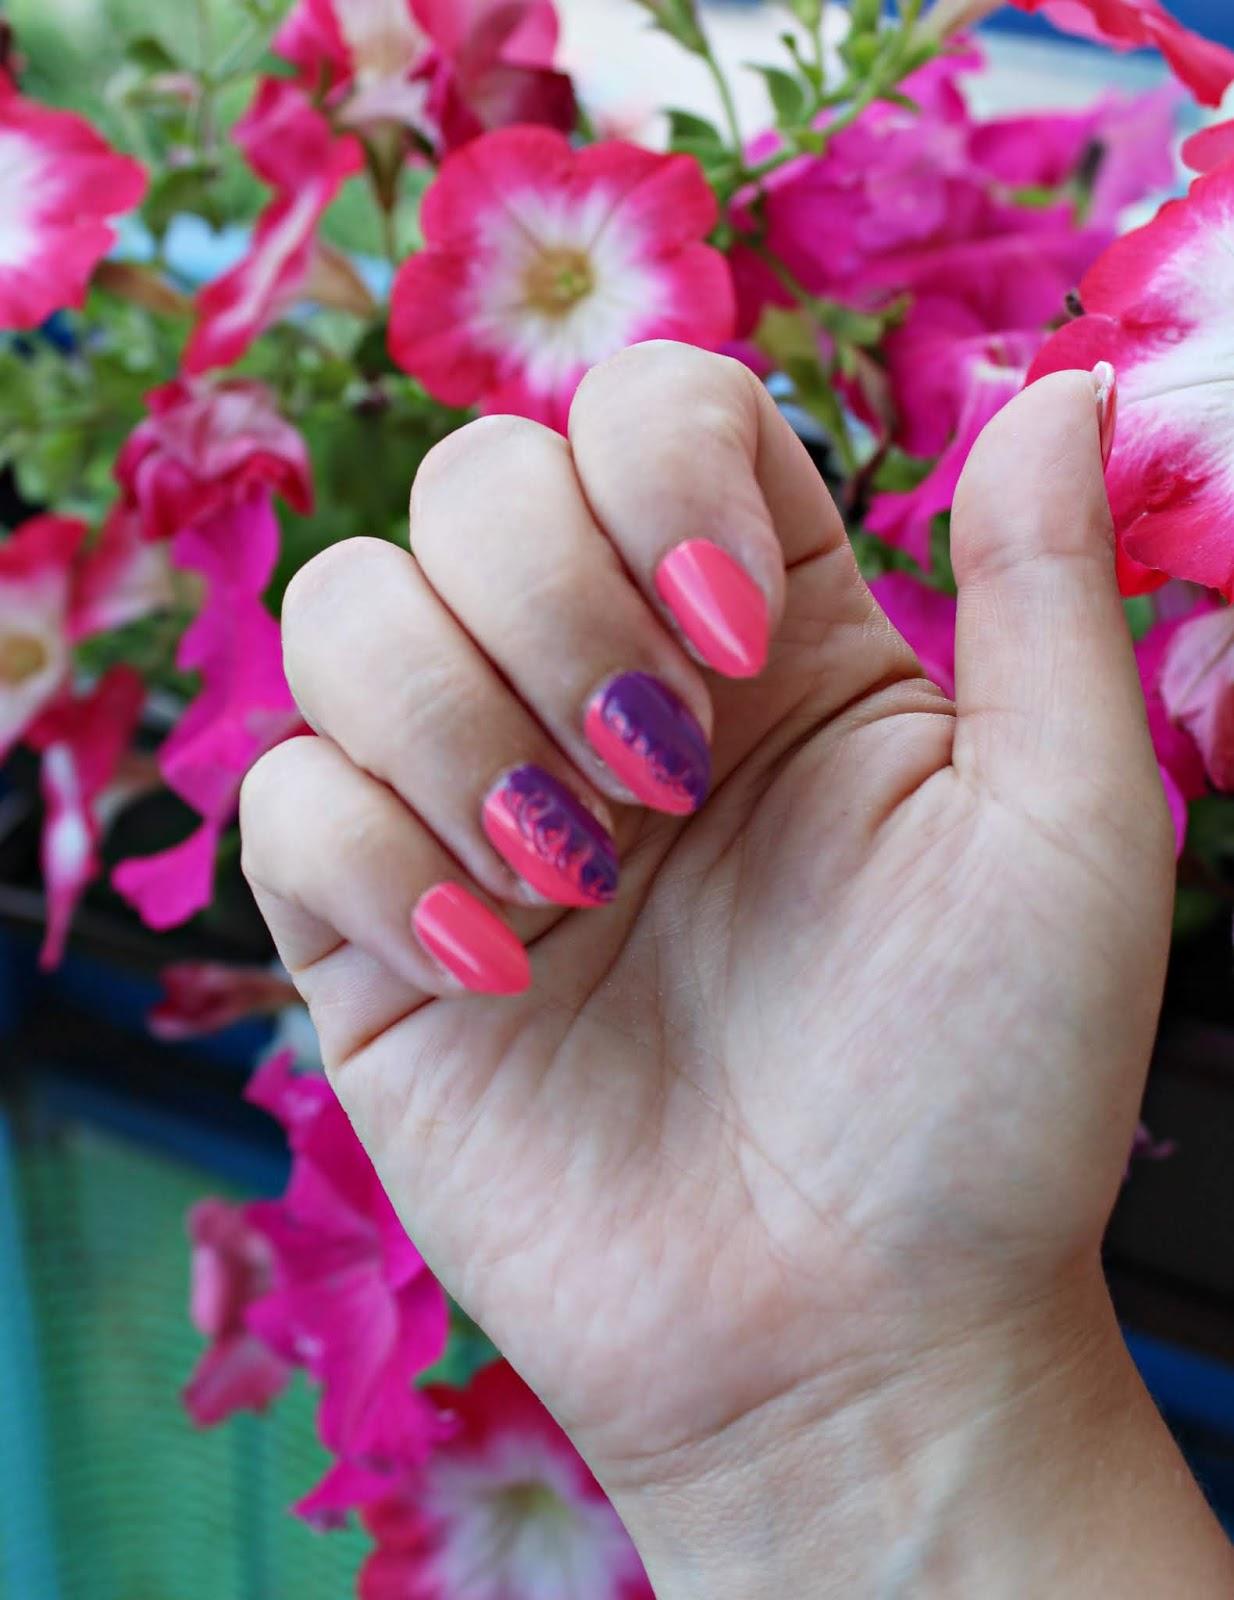 Szybkoschnący lakier do paznokci SALLY HANSEN INSTA-DRI - pięknie pomalowane i trwałe paznokcie bez hybrydy